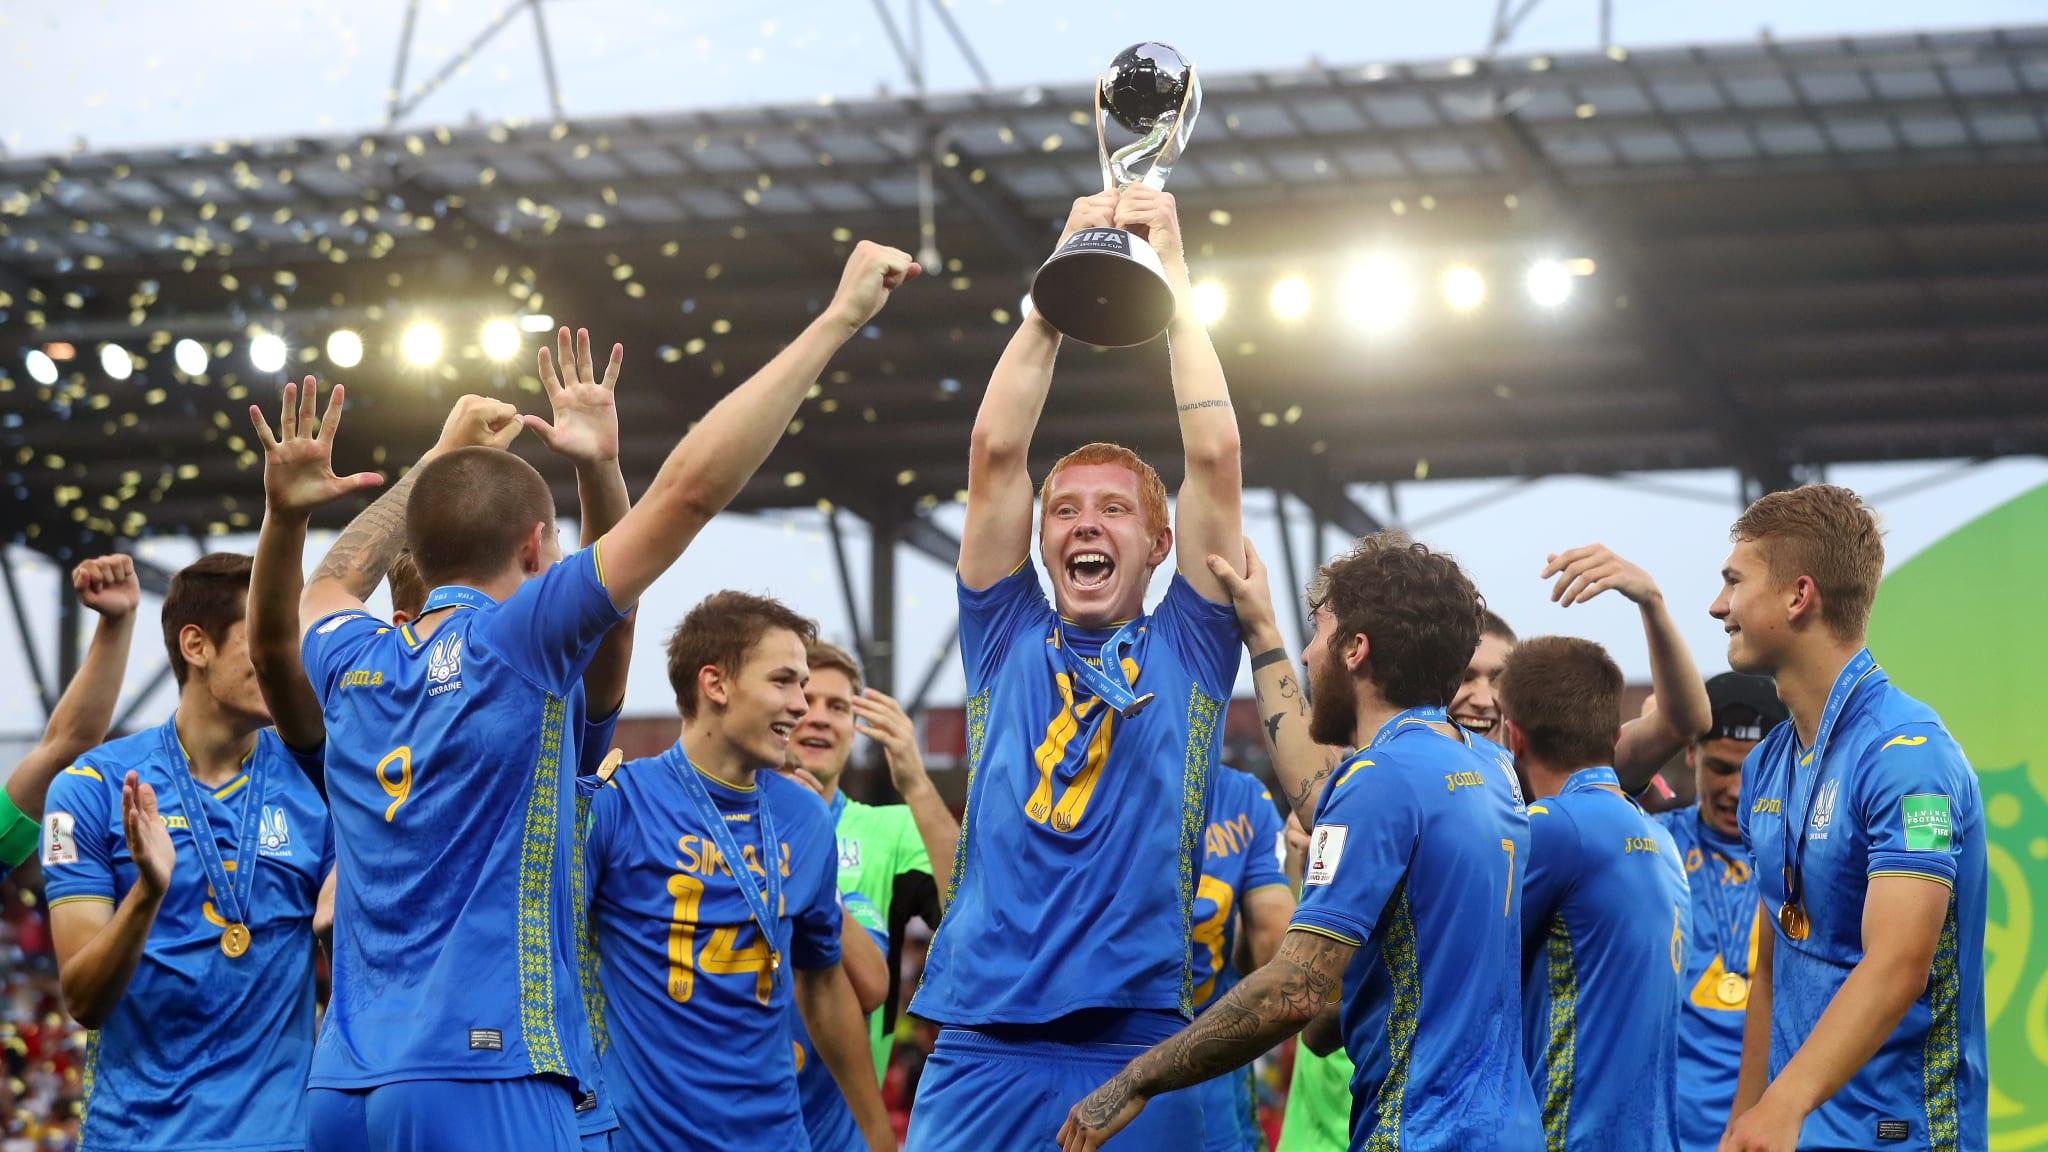 поздравление по футболу чемпионами мира застройщиков ориентирован